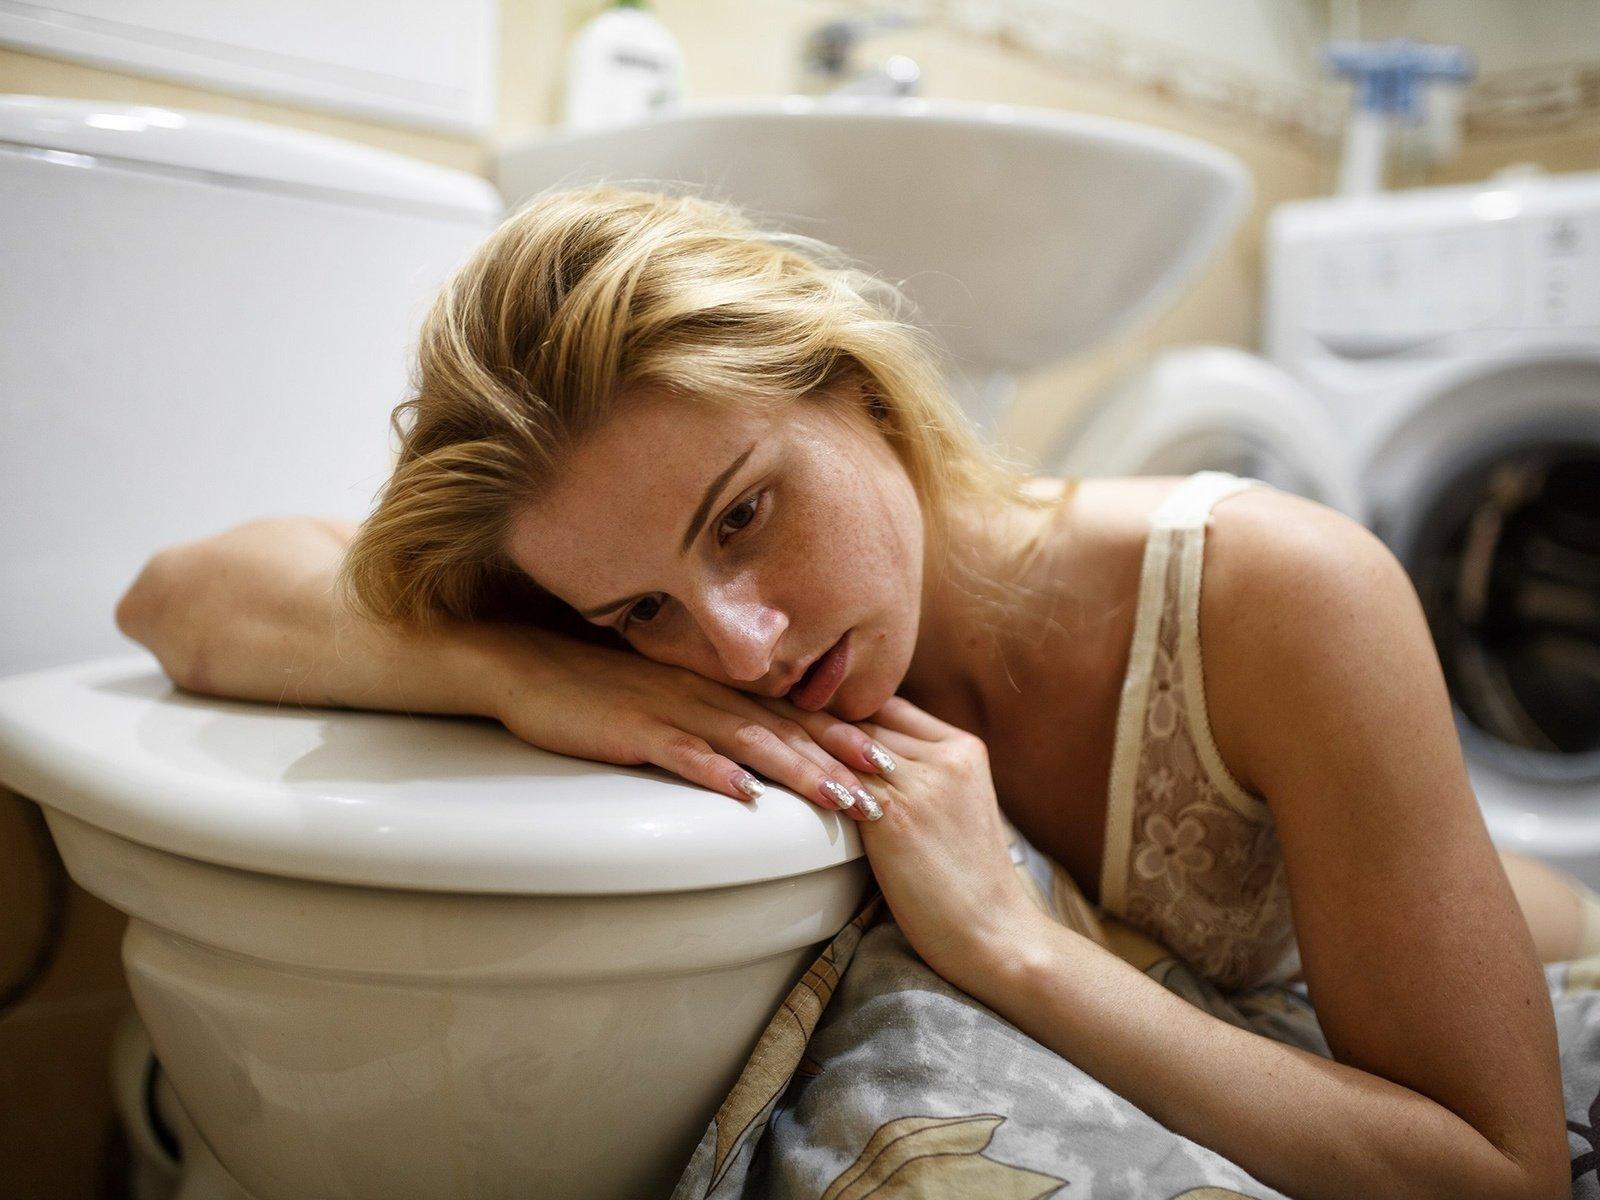 Туалет и девушки, HD cкрытая камера в женском туалете 24 фотография